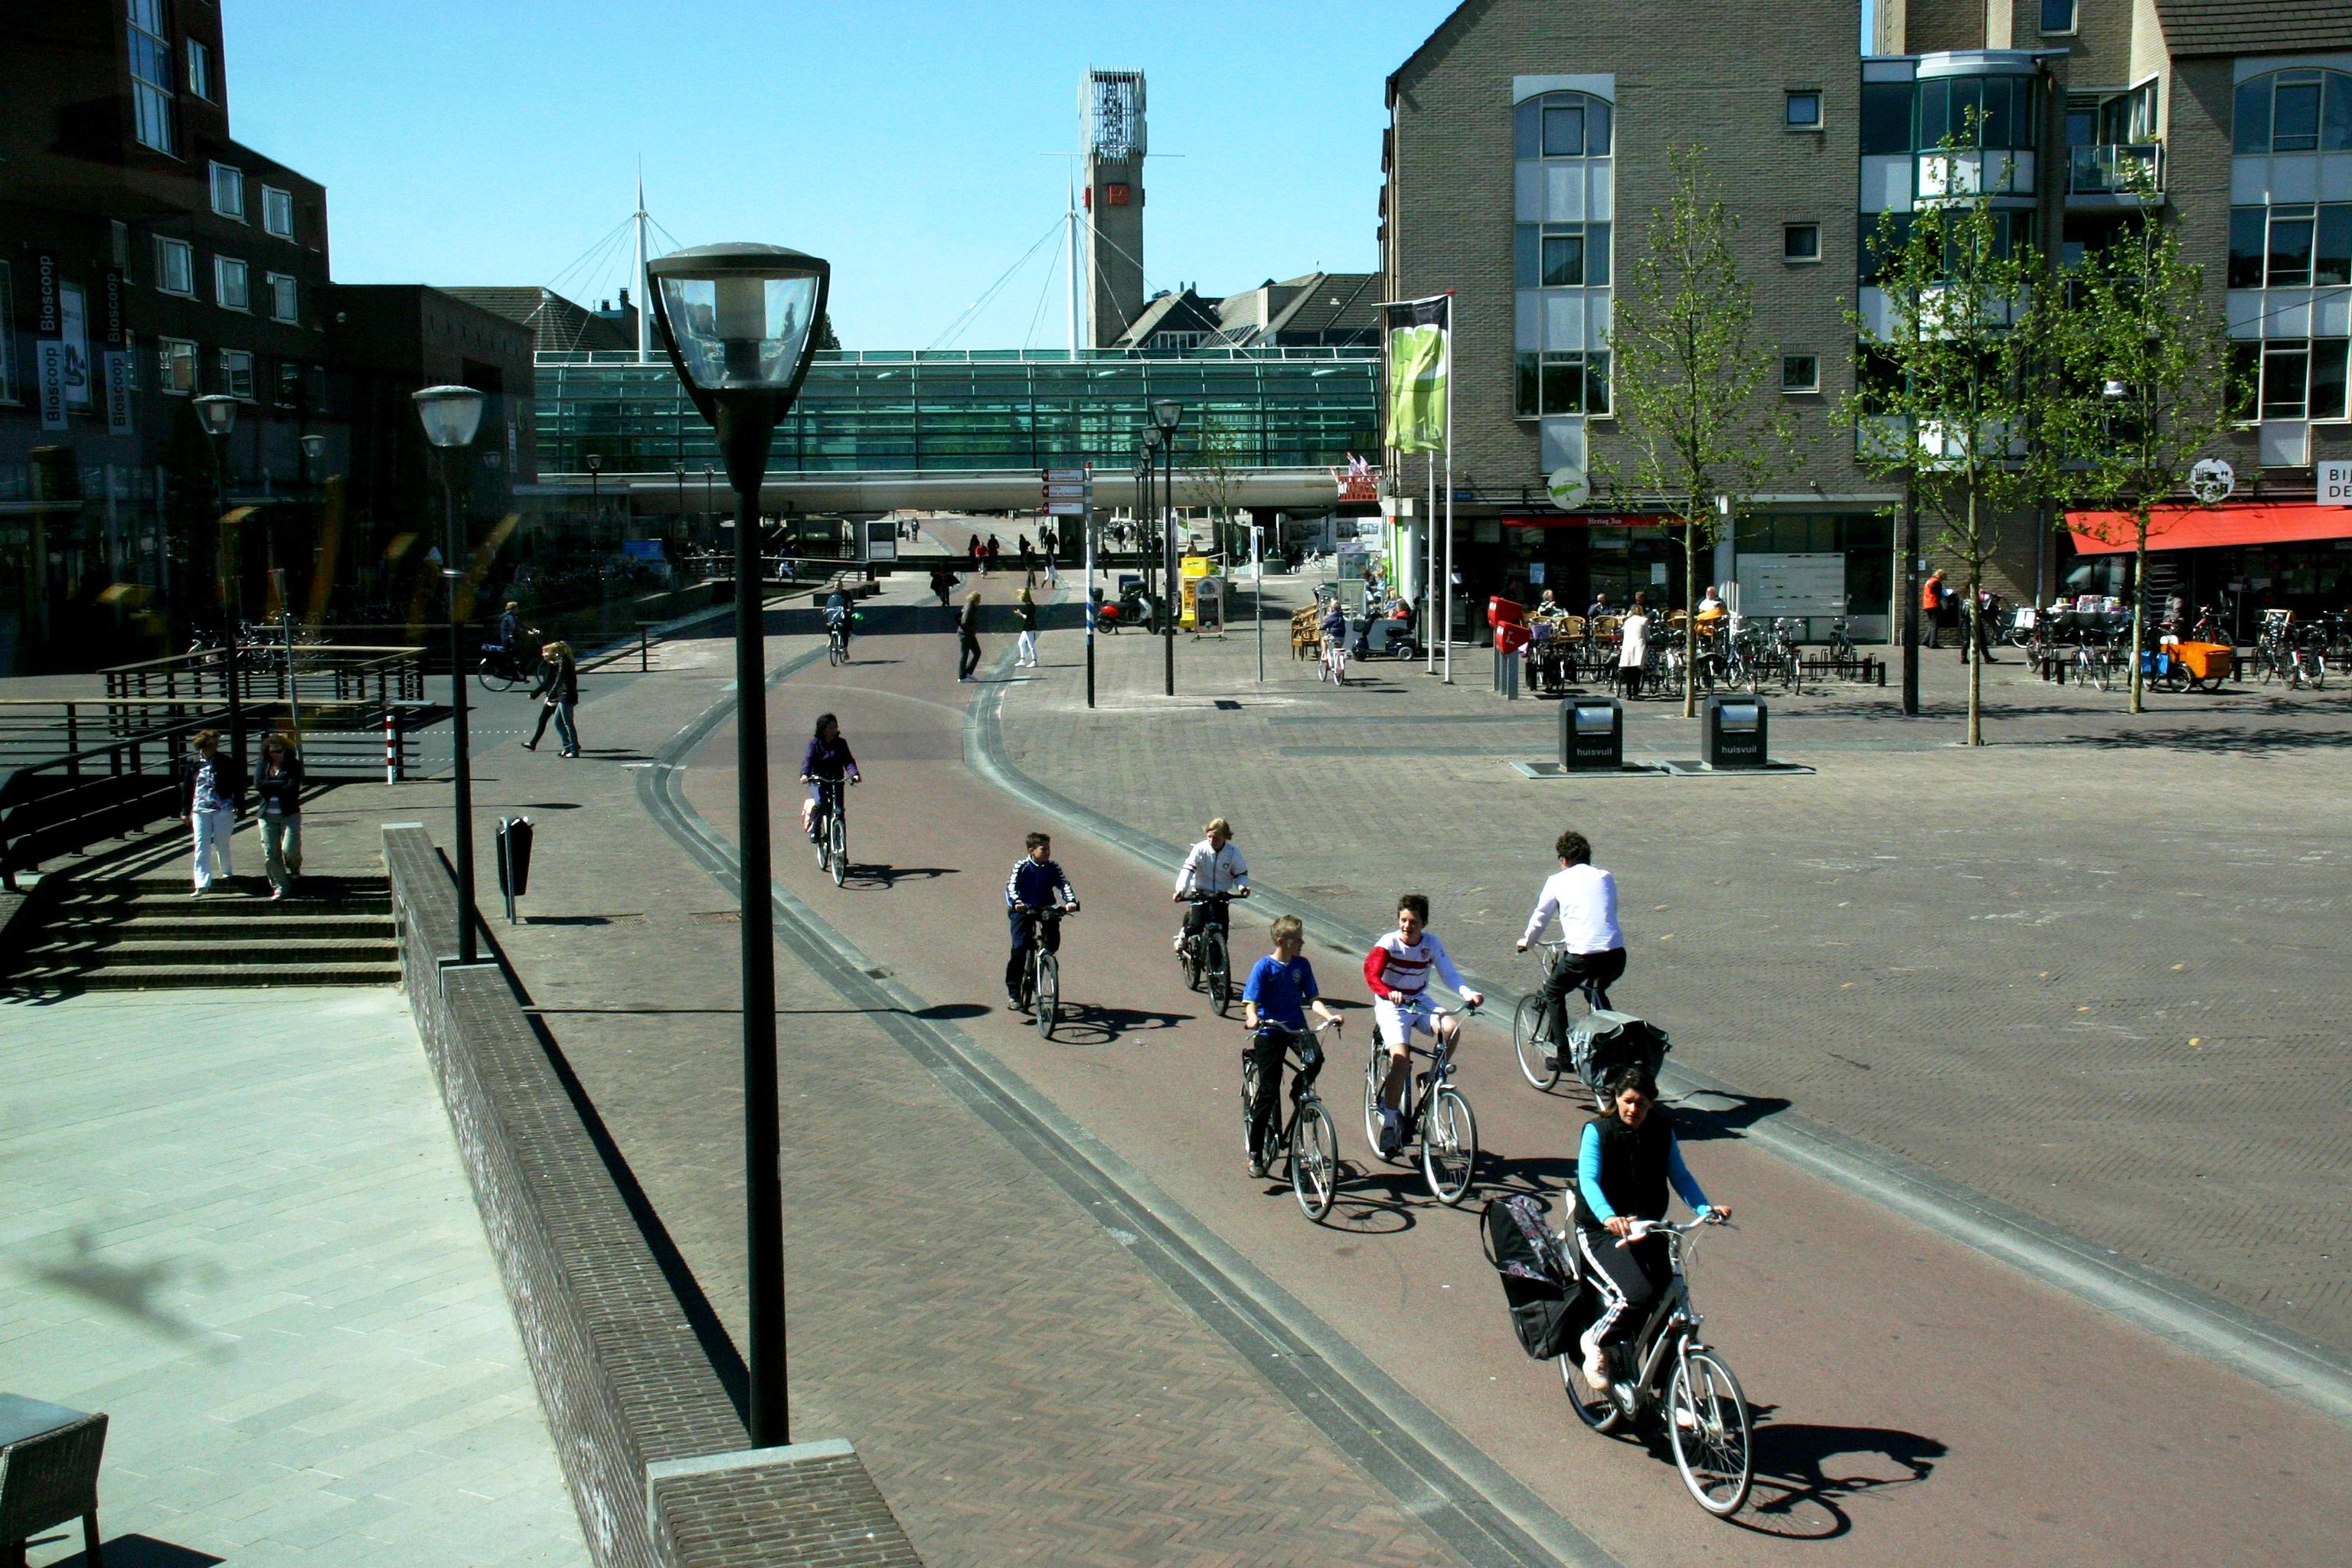 Houten: El pueblo de la vereda y las ciclovías